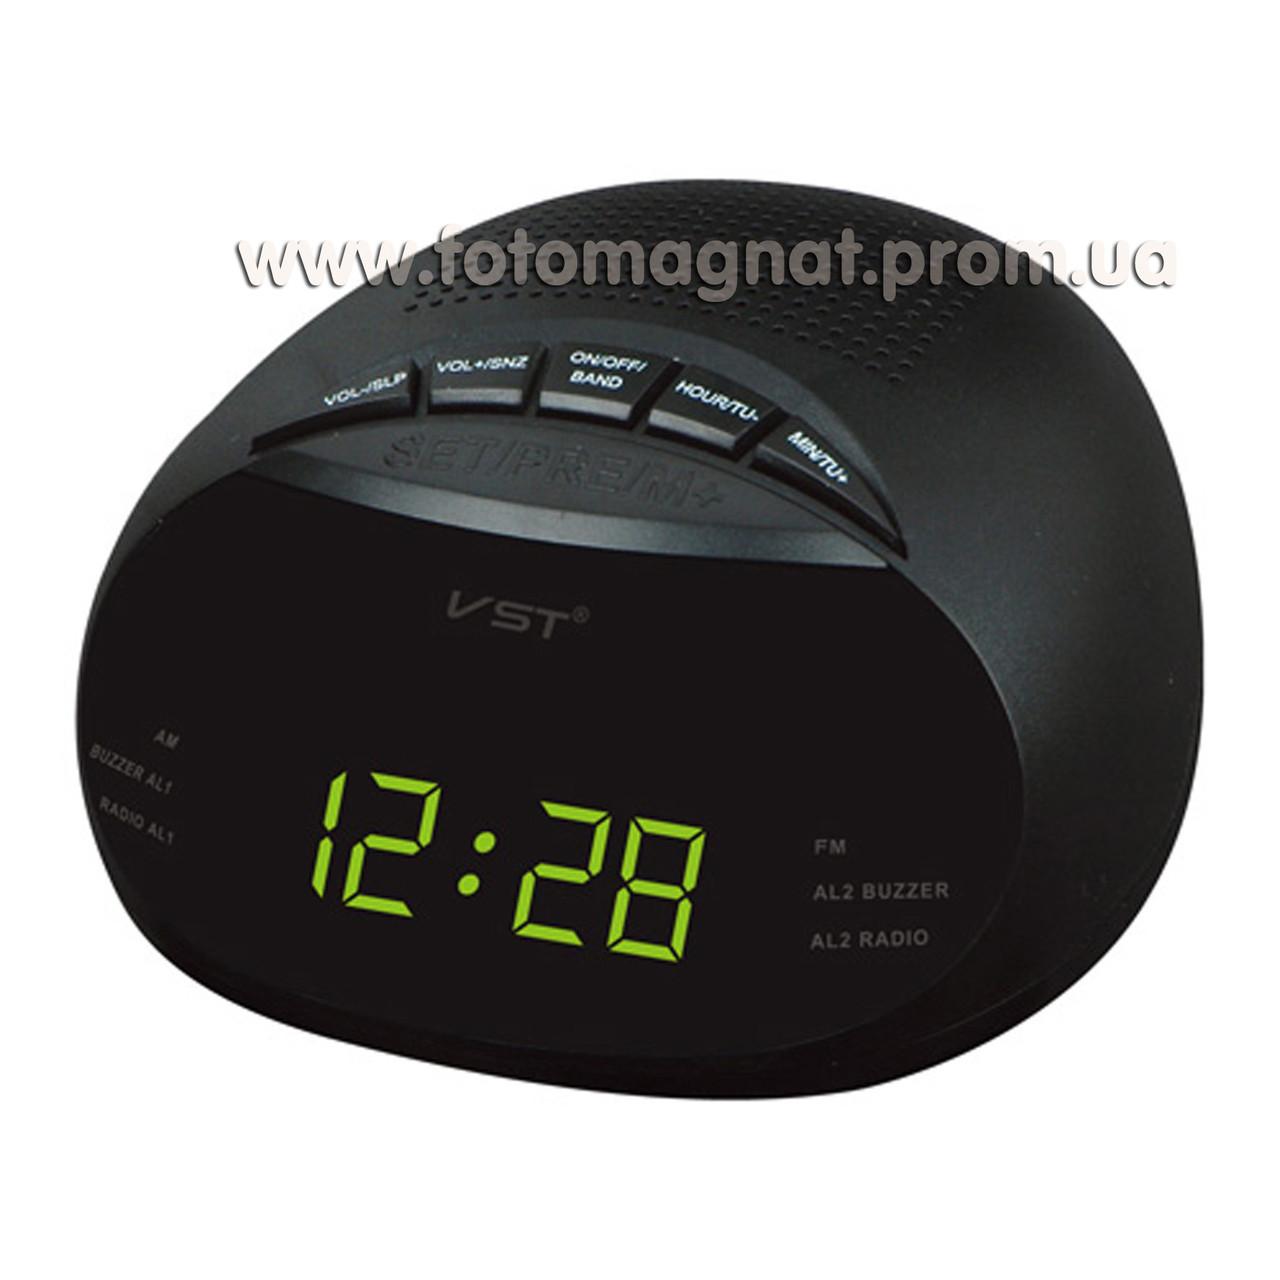 Часы сетевые VST 901-2 с  FM радио и Будильником, Зеленые